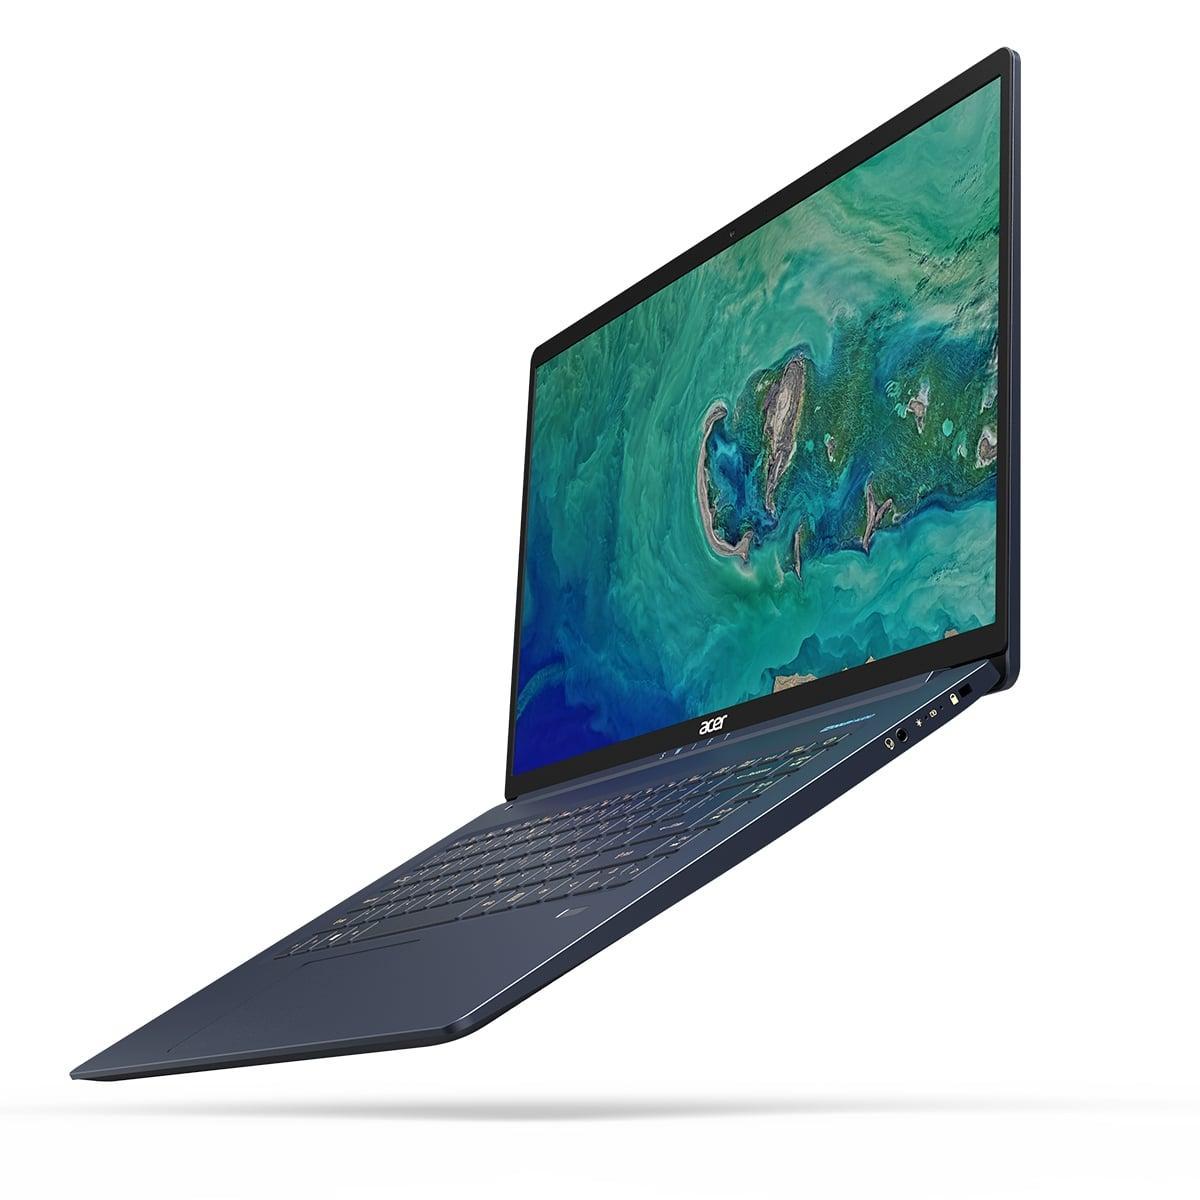 Image du PC portable Acer Swift 5 SF515-51T-55ZM Bleu Tactile